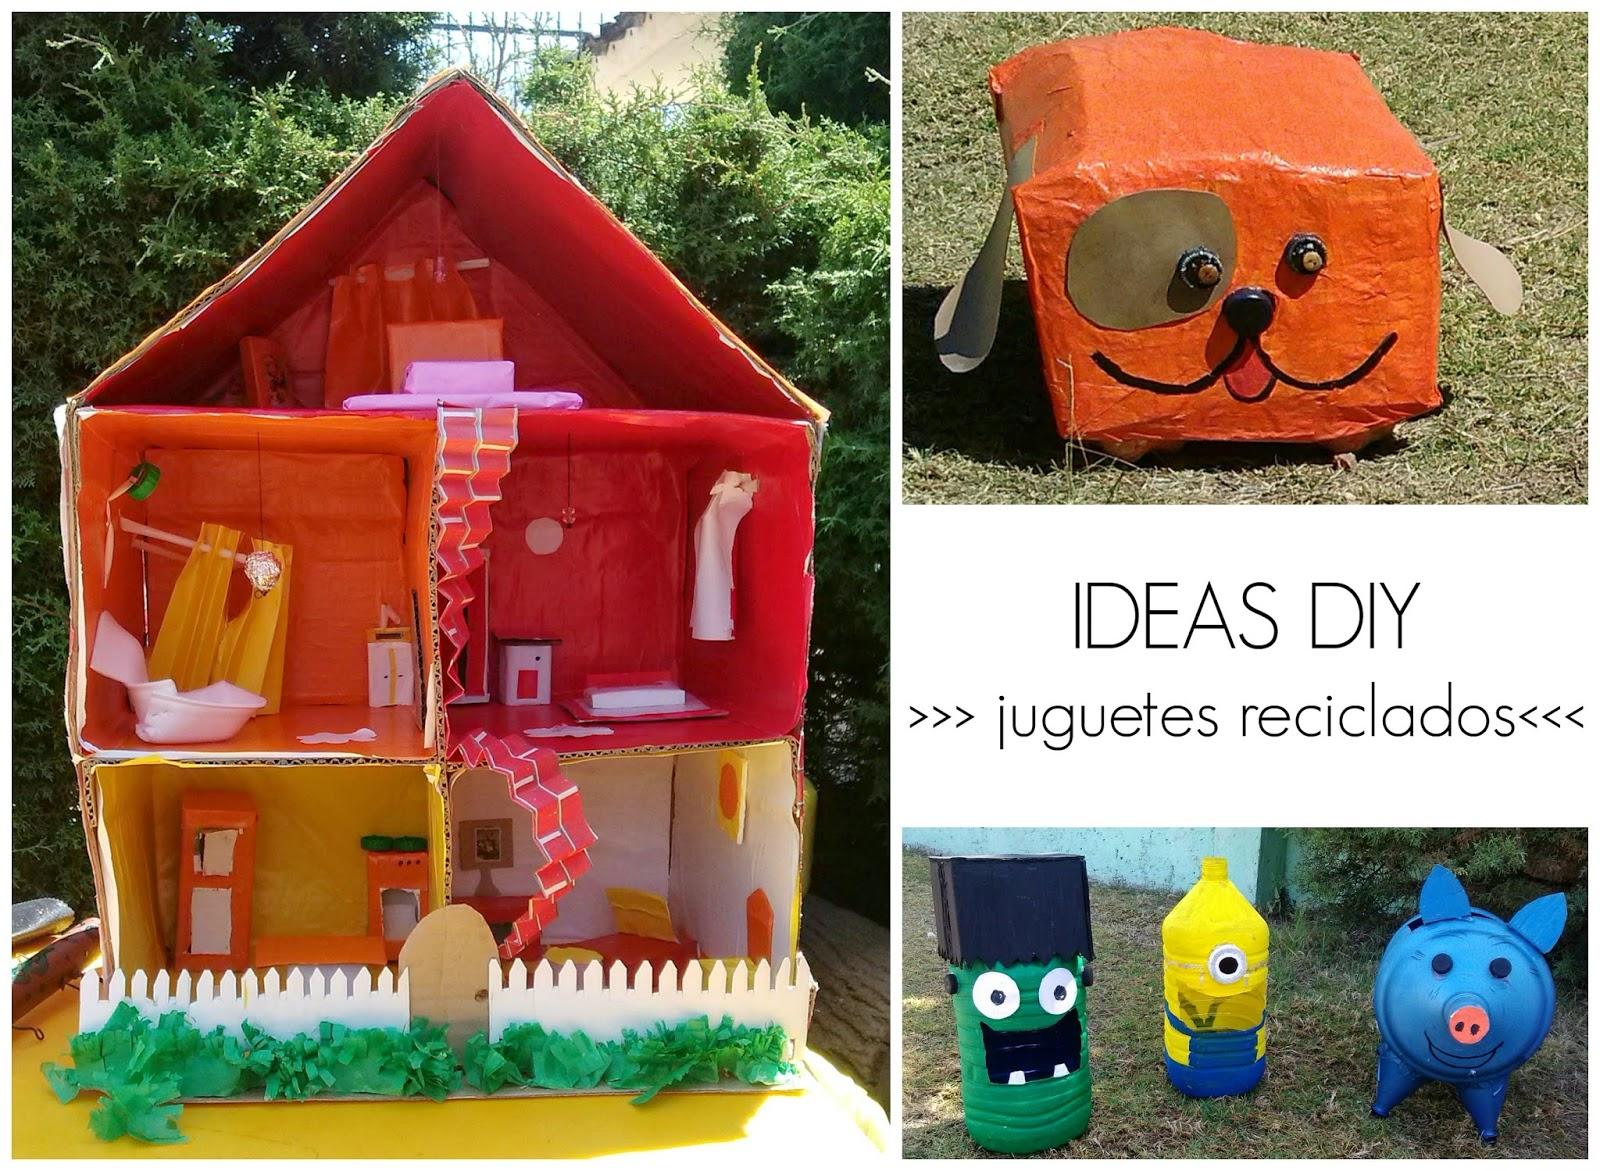 diy juguetes reciclados